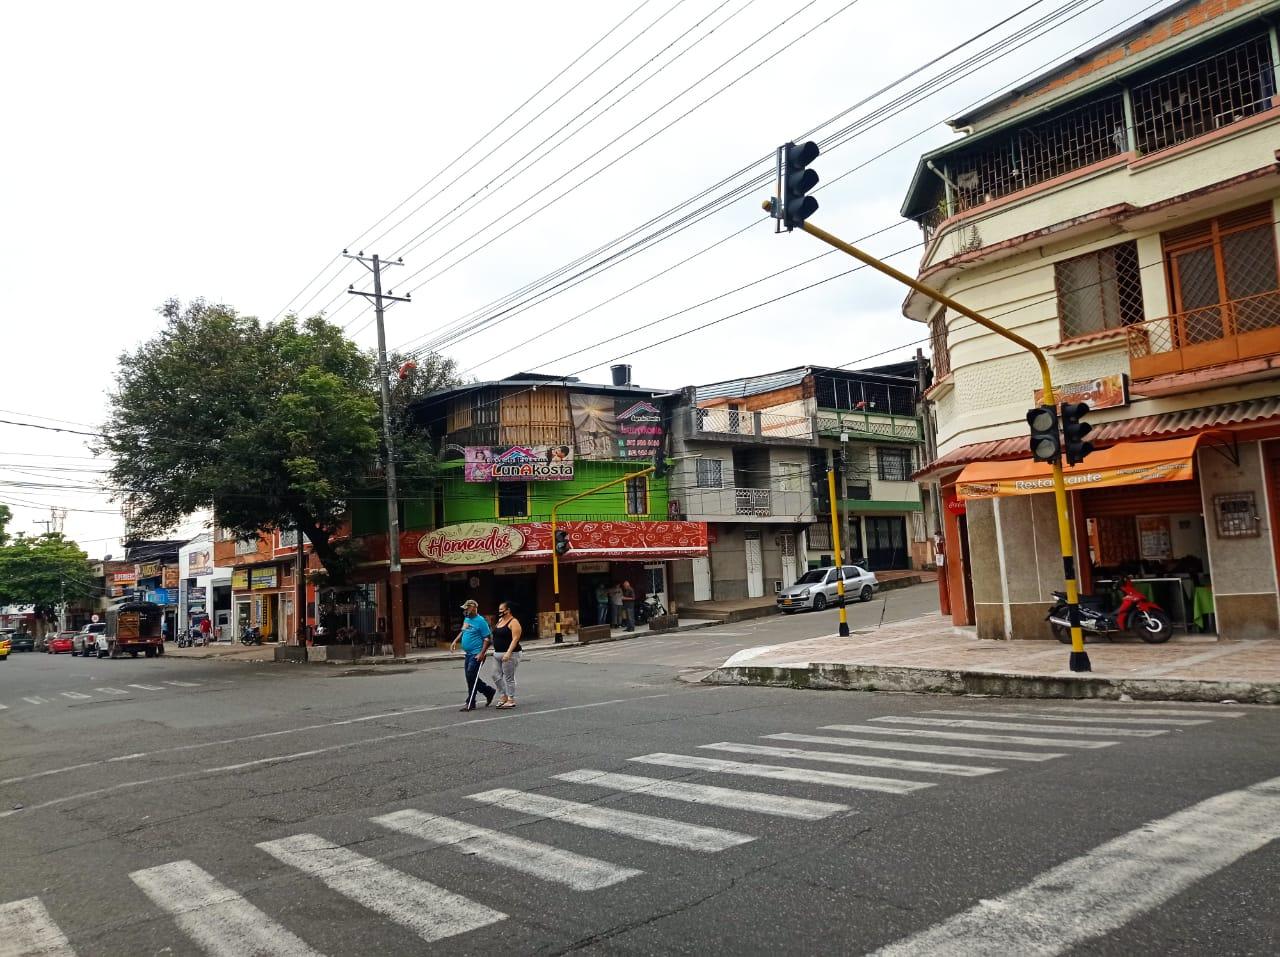 Continúan los actos vandálicos contra la red semafórica de Ibagué